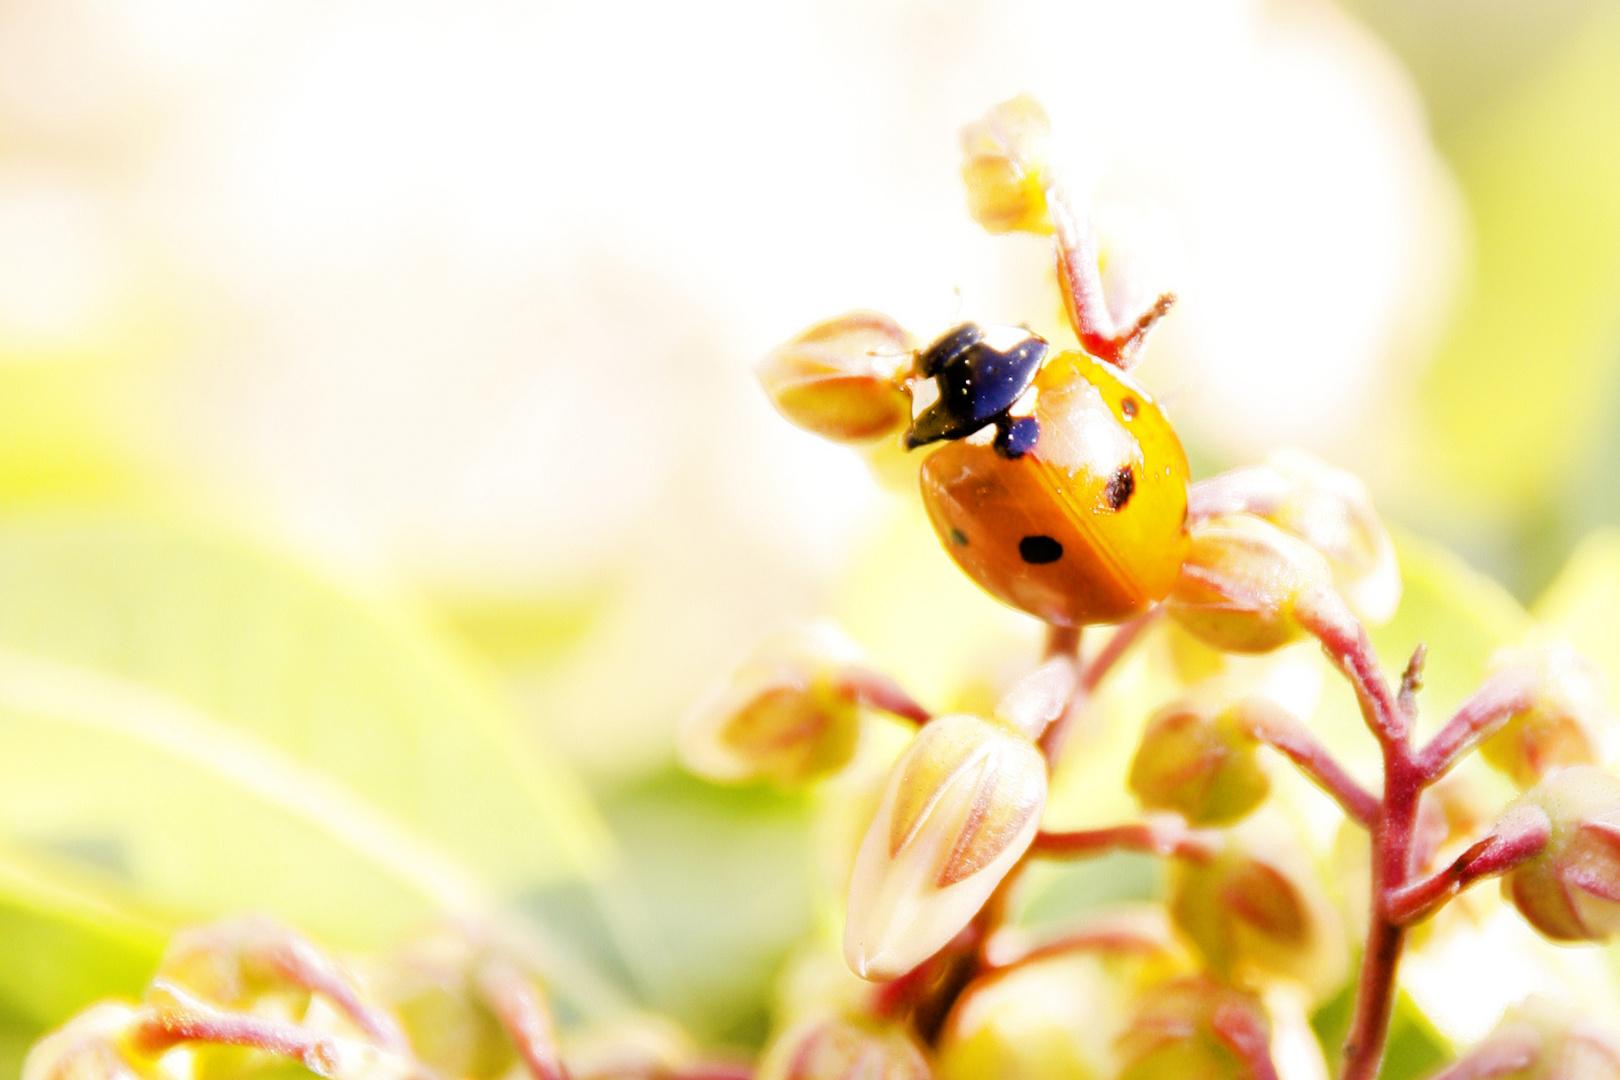 Kleiner Marienkäfer flieg